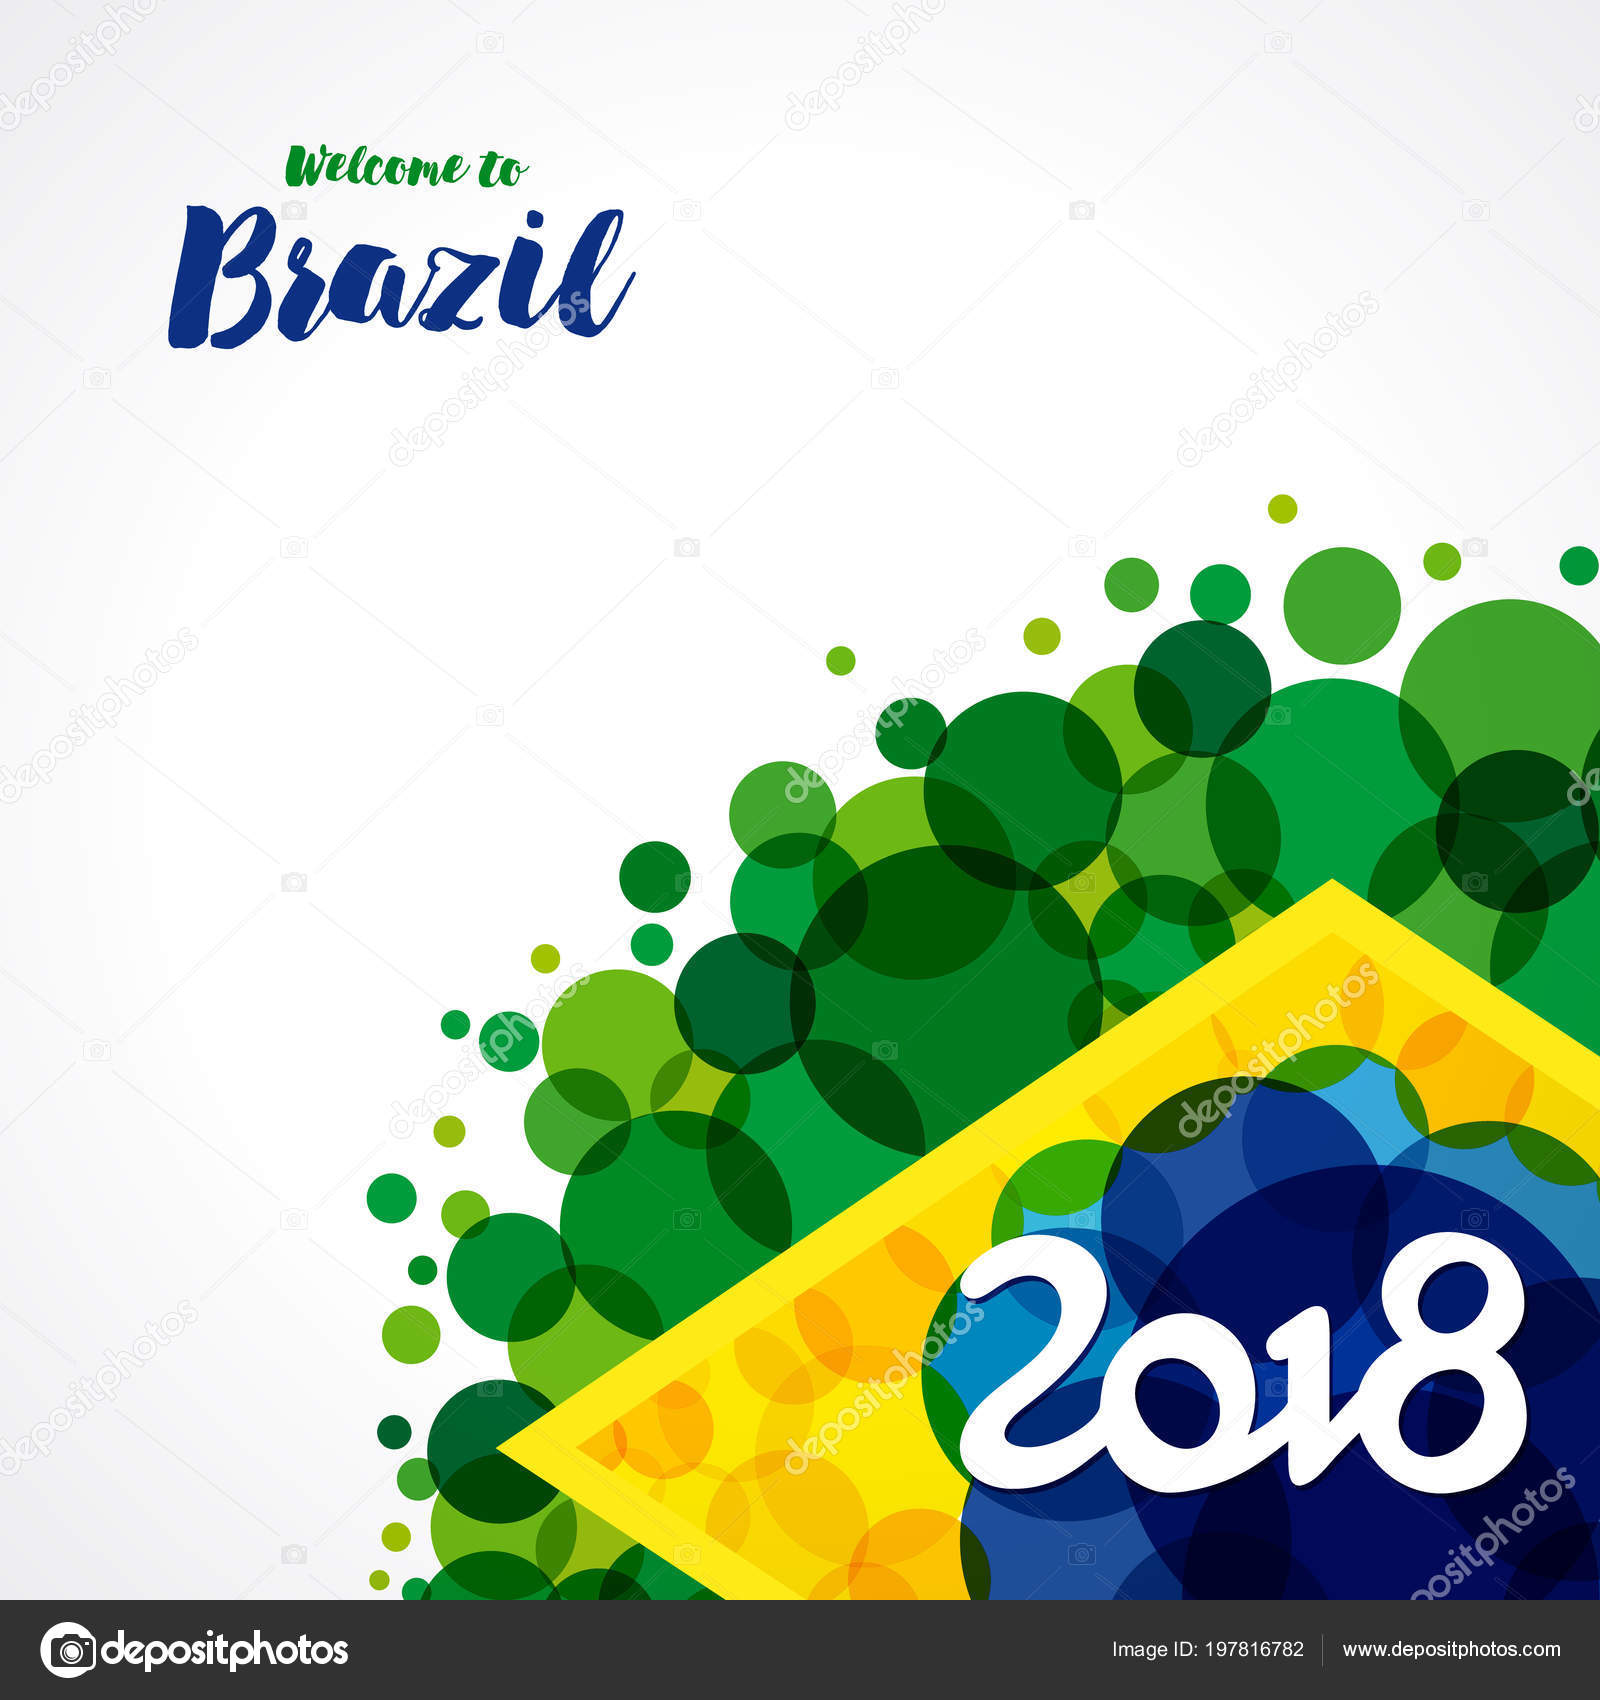 Brezilya 2018 Afiş Hoşgeldiniz Vektör Arka Plan Sulu Boya Lekeleri